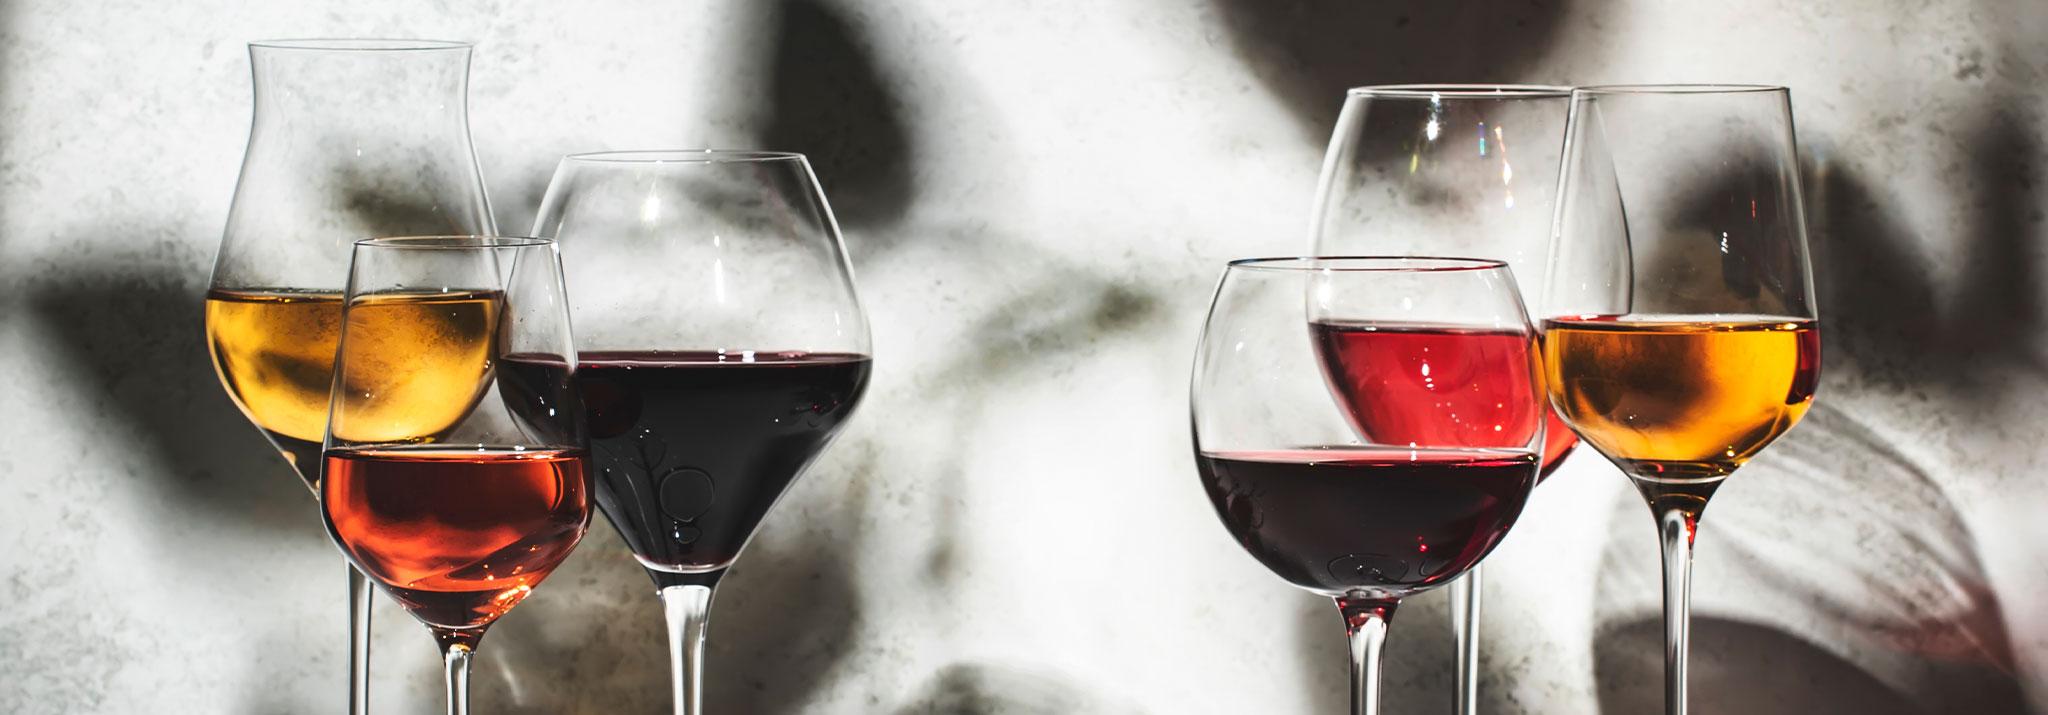 porto-wine-gustoworld